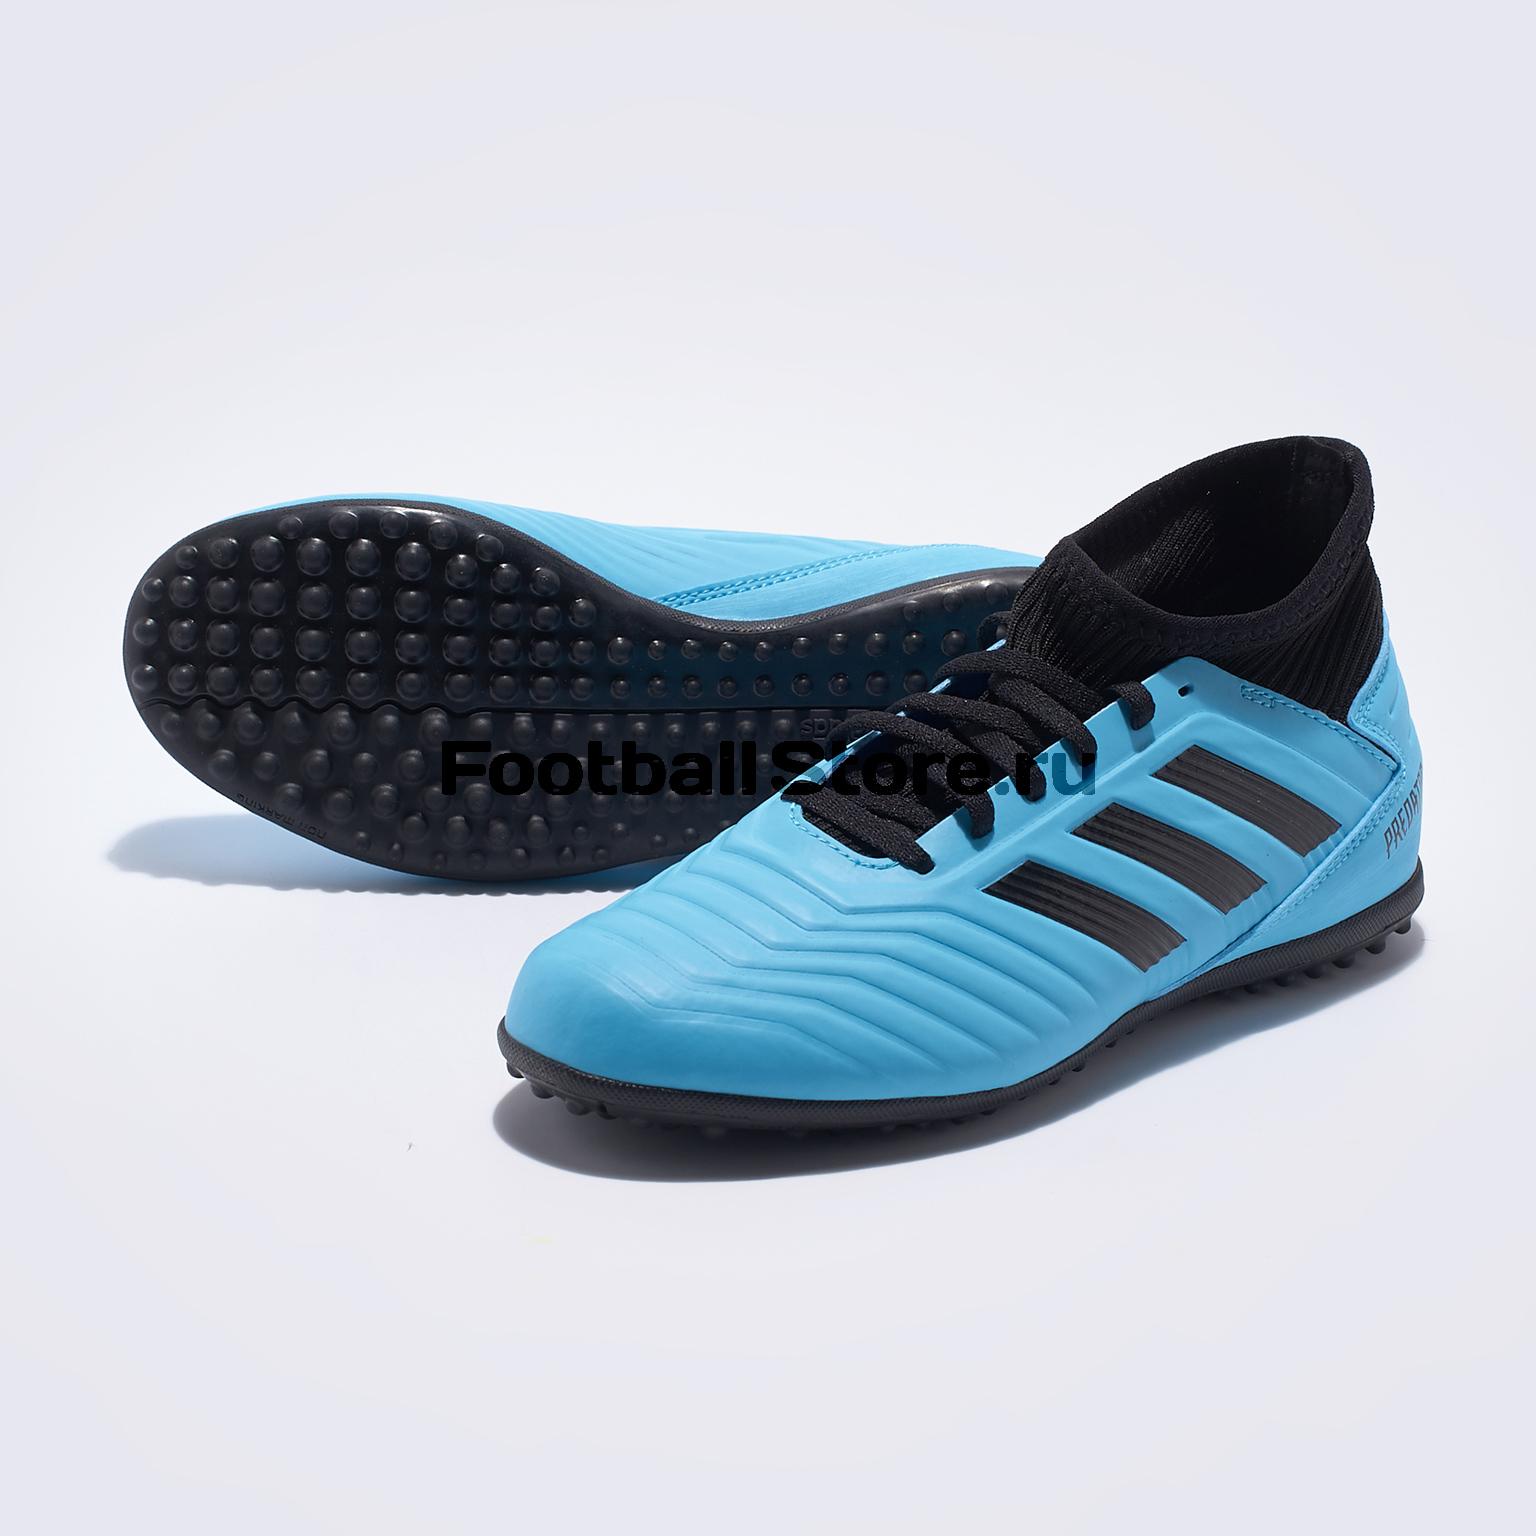 Шиповки детские Adidas Predator 19.3 TF G25803 шиповки детские adidas x tango 18 3 tf db2422